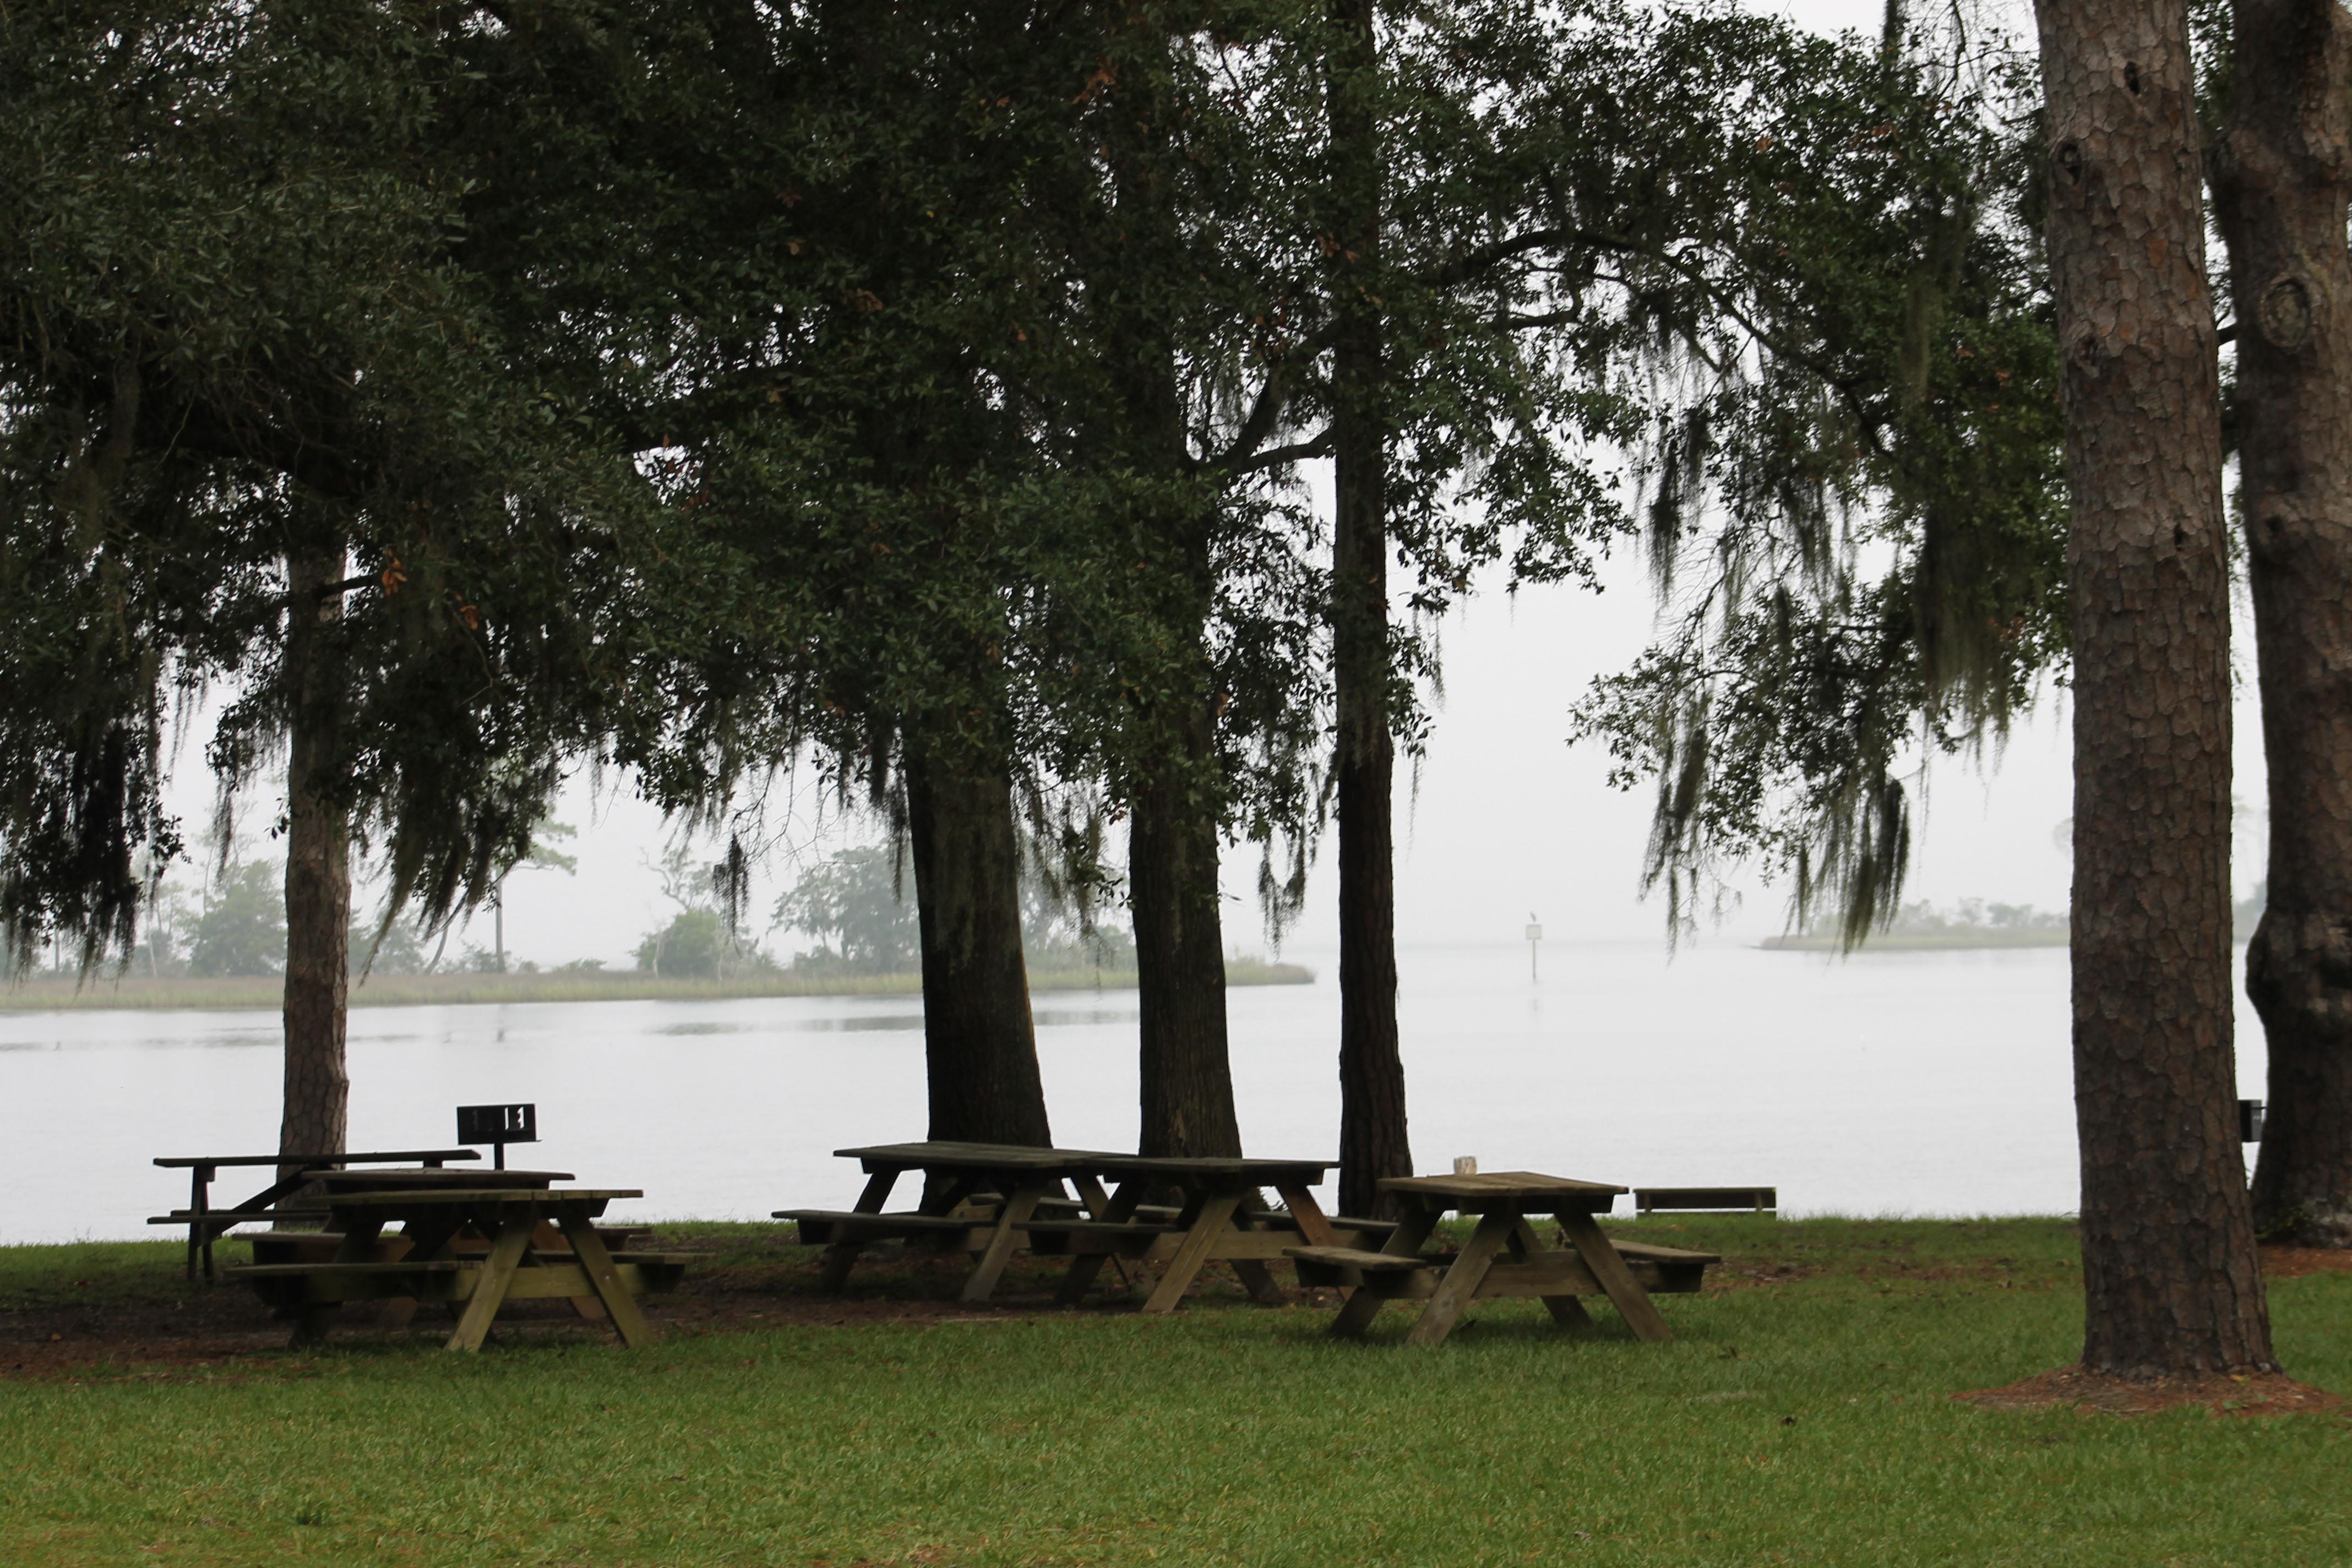 A Visit to Eden Gardens State Park Northwest Florida Outdoor Adventure